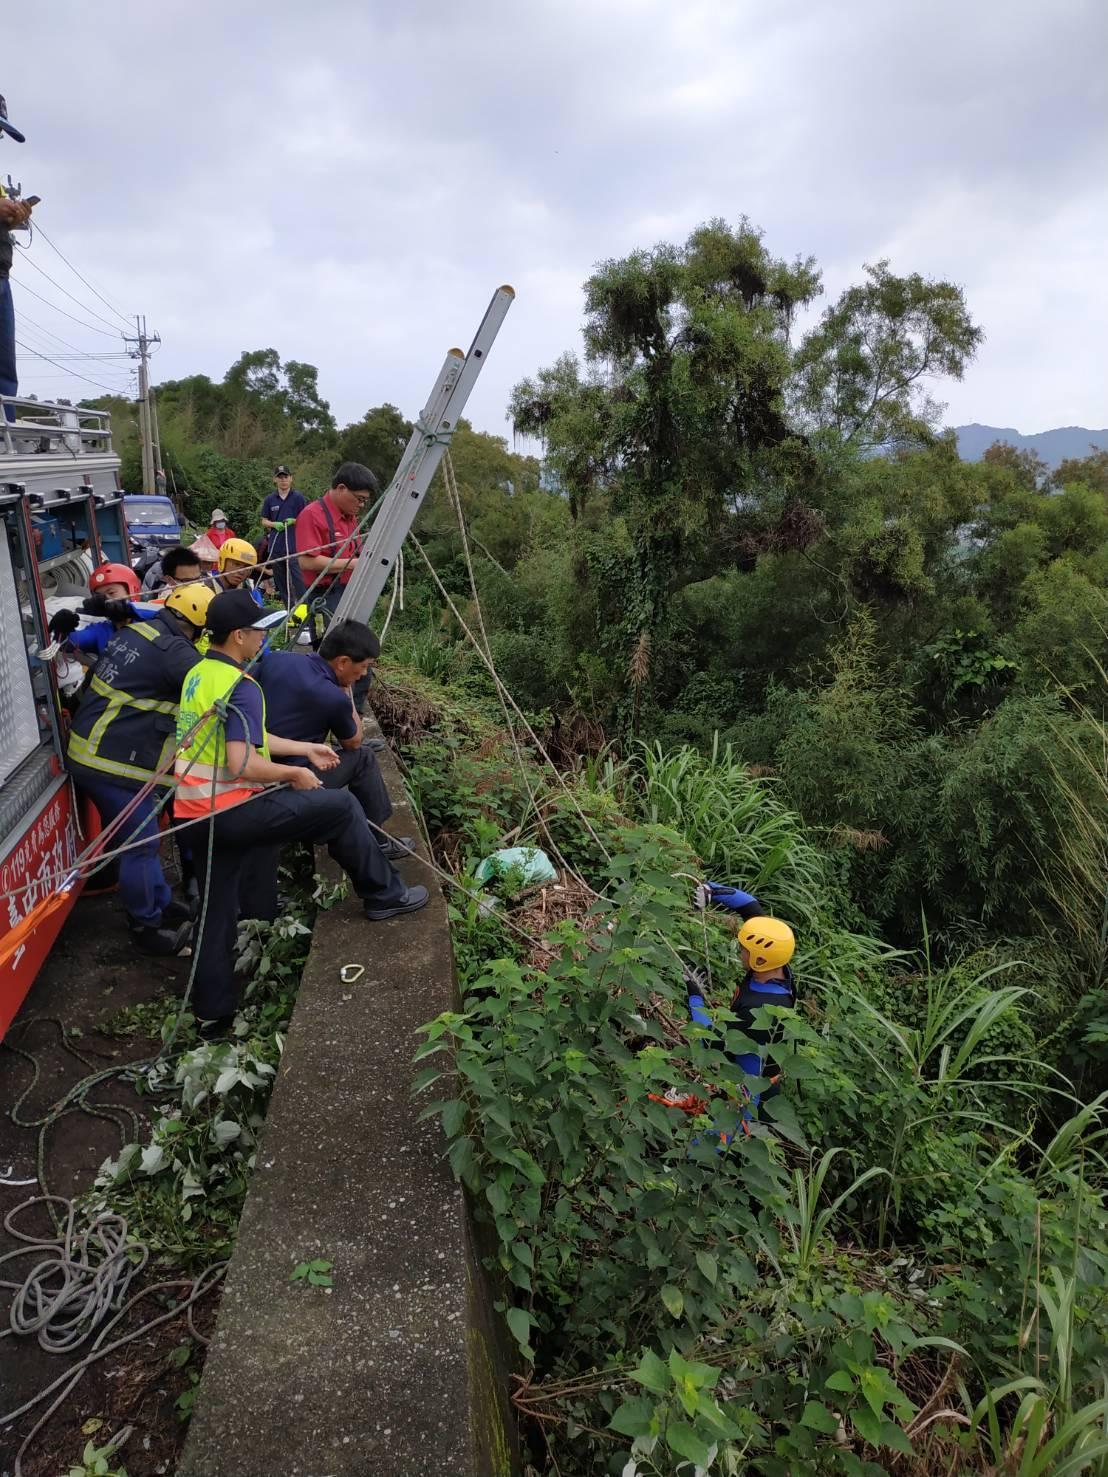 49歲男子疑似滑落大甲溪畔,救難人員吊掛到山坡上方送醫急救。圖/台中市消防局提供